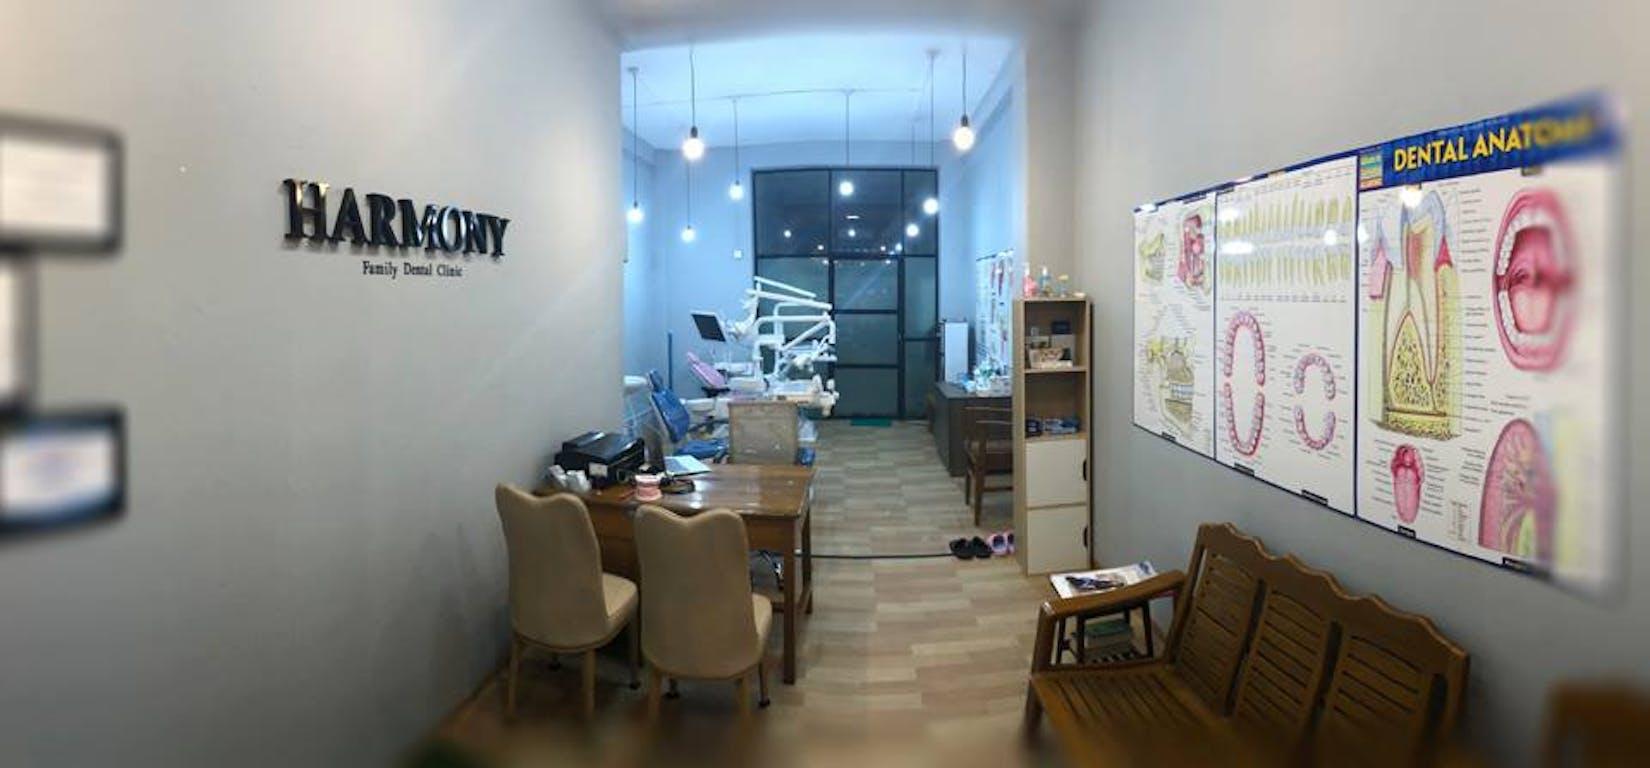 Harmony Family Dental Clinic | Medical